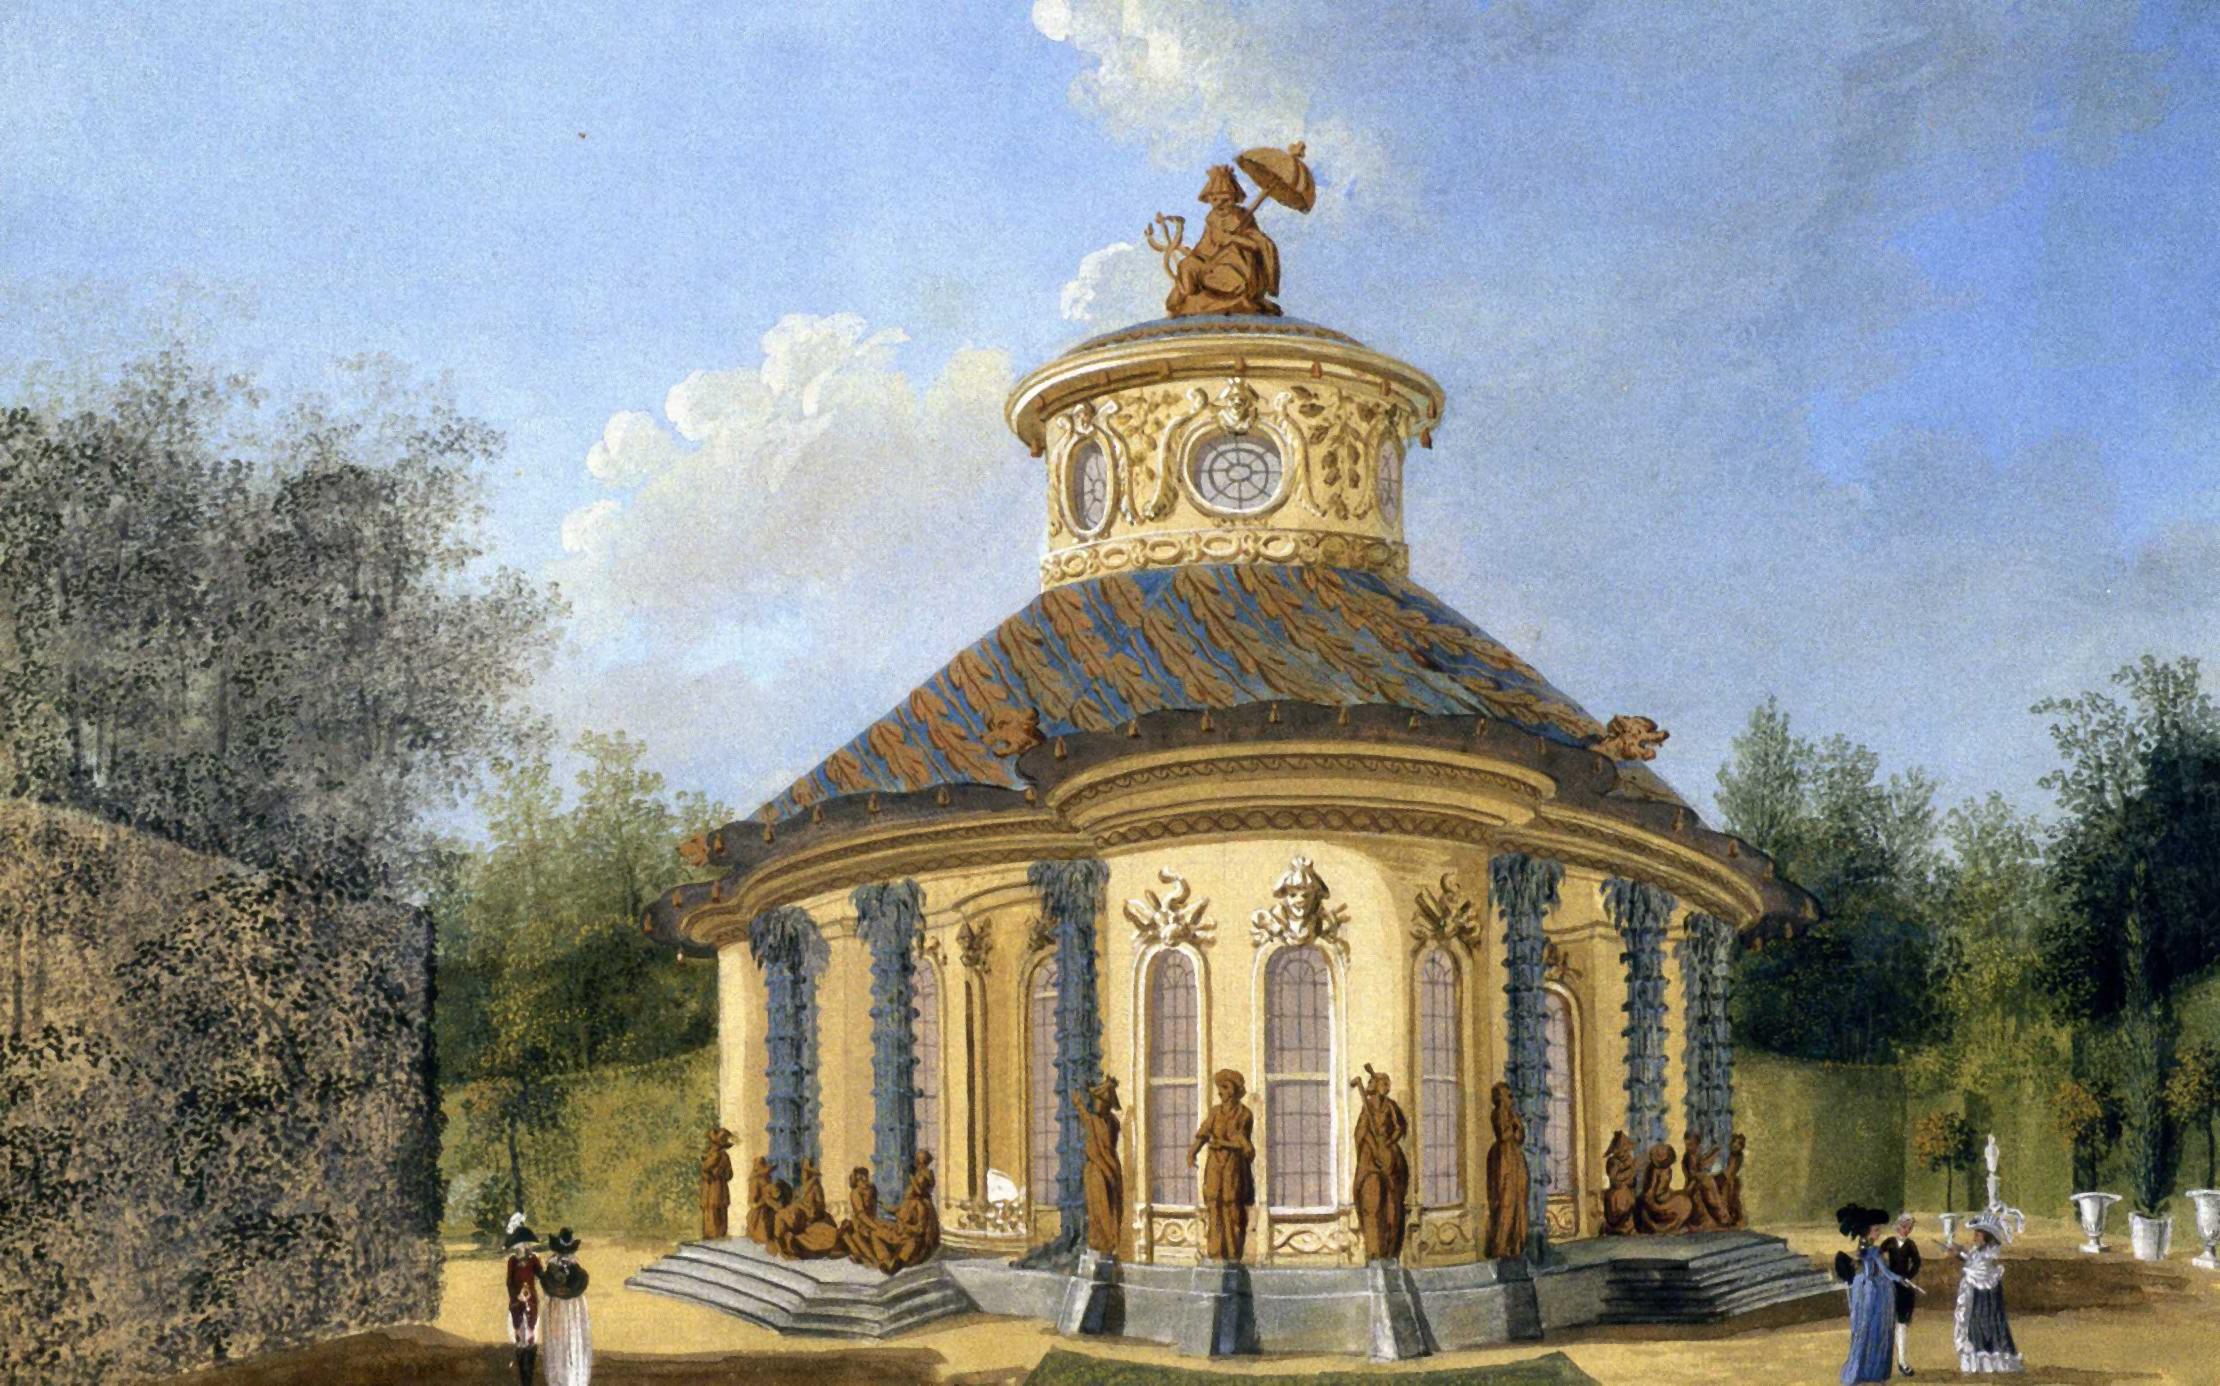 File:Chinesisches Teehaus zu Sanssouci (Nagel).jpg - Wikimedia Commons